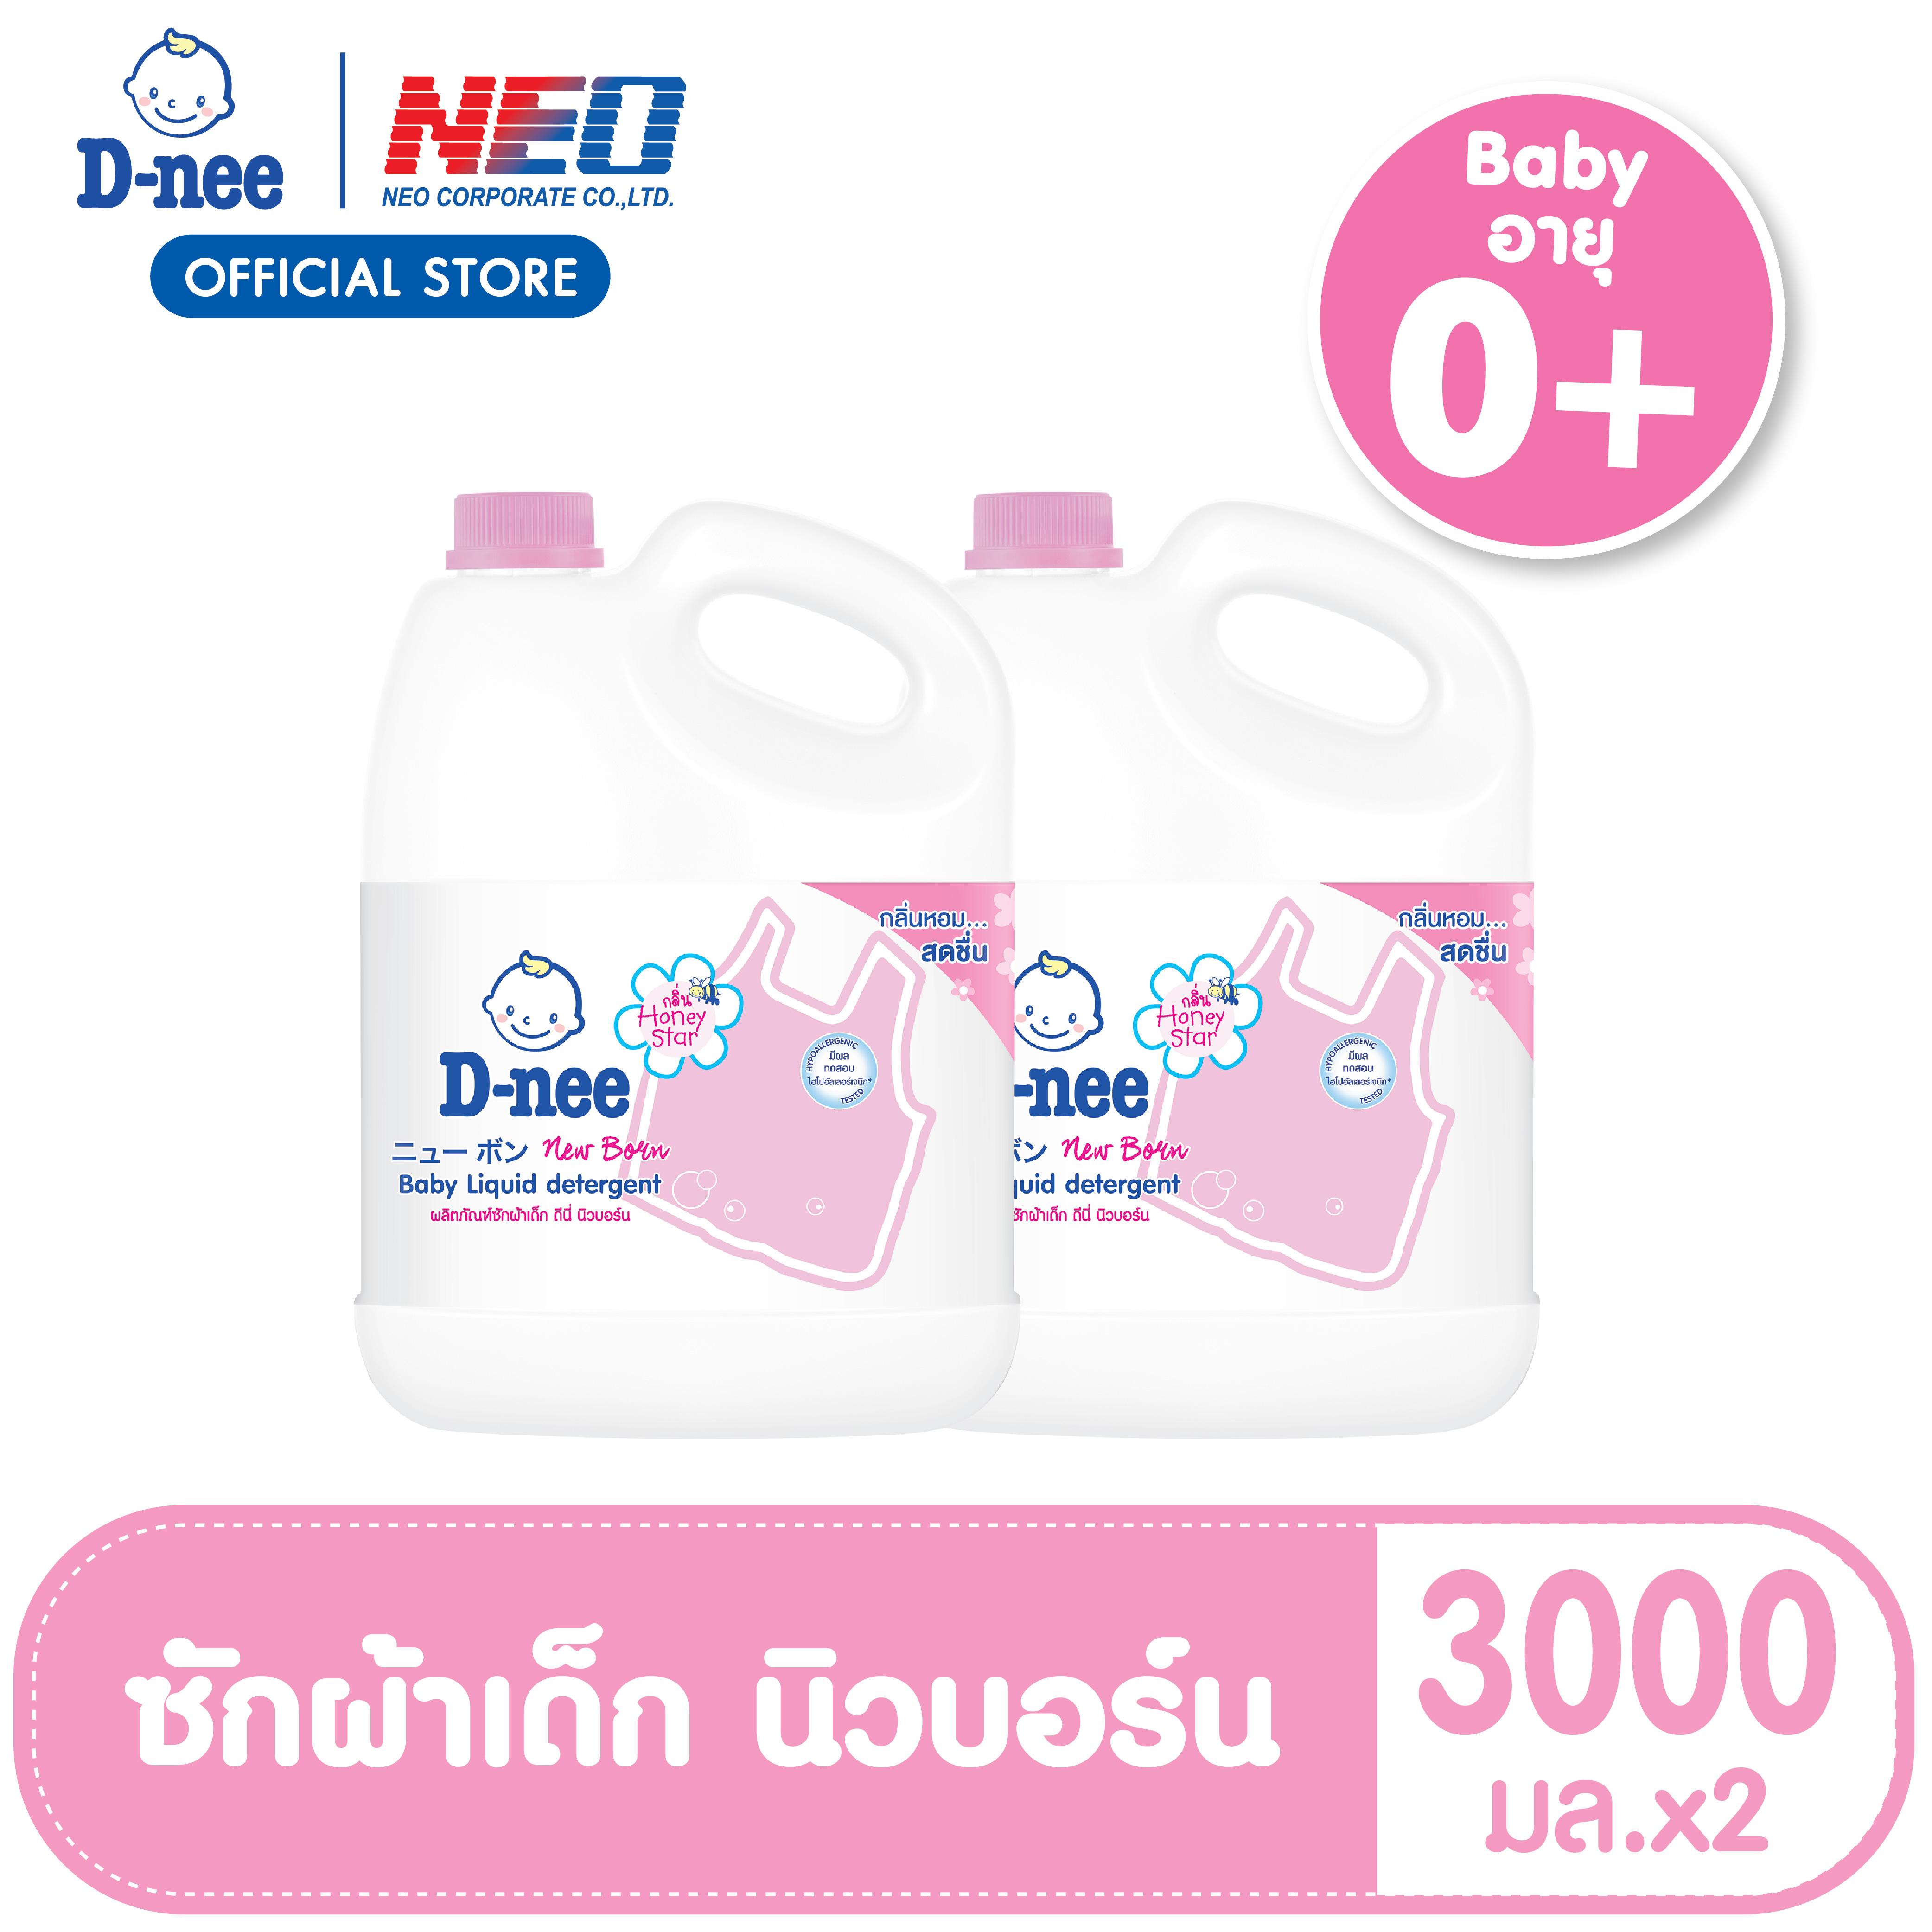 แนะนำ [แพ็ค2] D-nee Newborn น้ำยาซักผ้าเด็ก กลิ่น Honey Star แบบแกลลอน ขนาด 3000 มล. [Pack2] D-nee Newborn Liquid Detergent 3000 ML - Honey Star